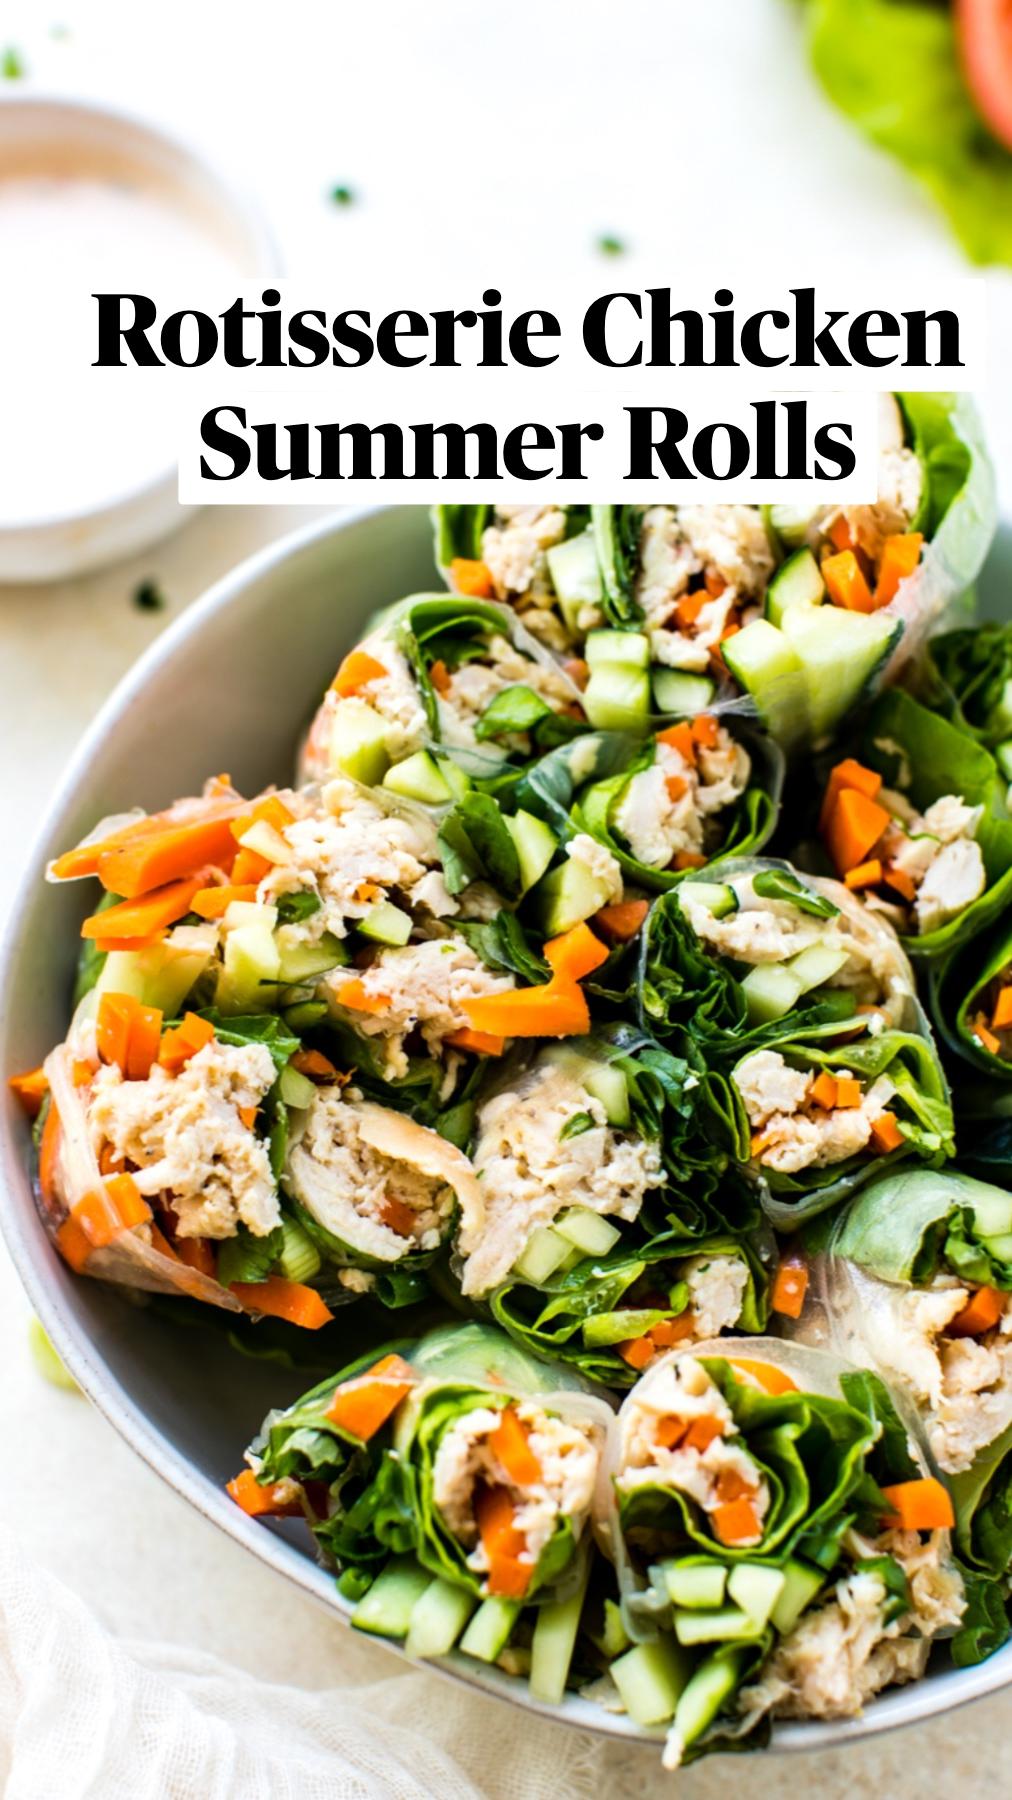 Rotisserie Chicken Summer Rolls